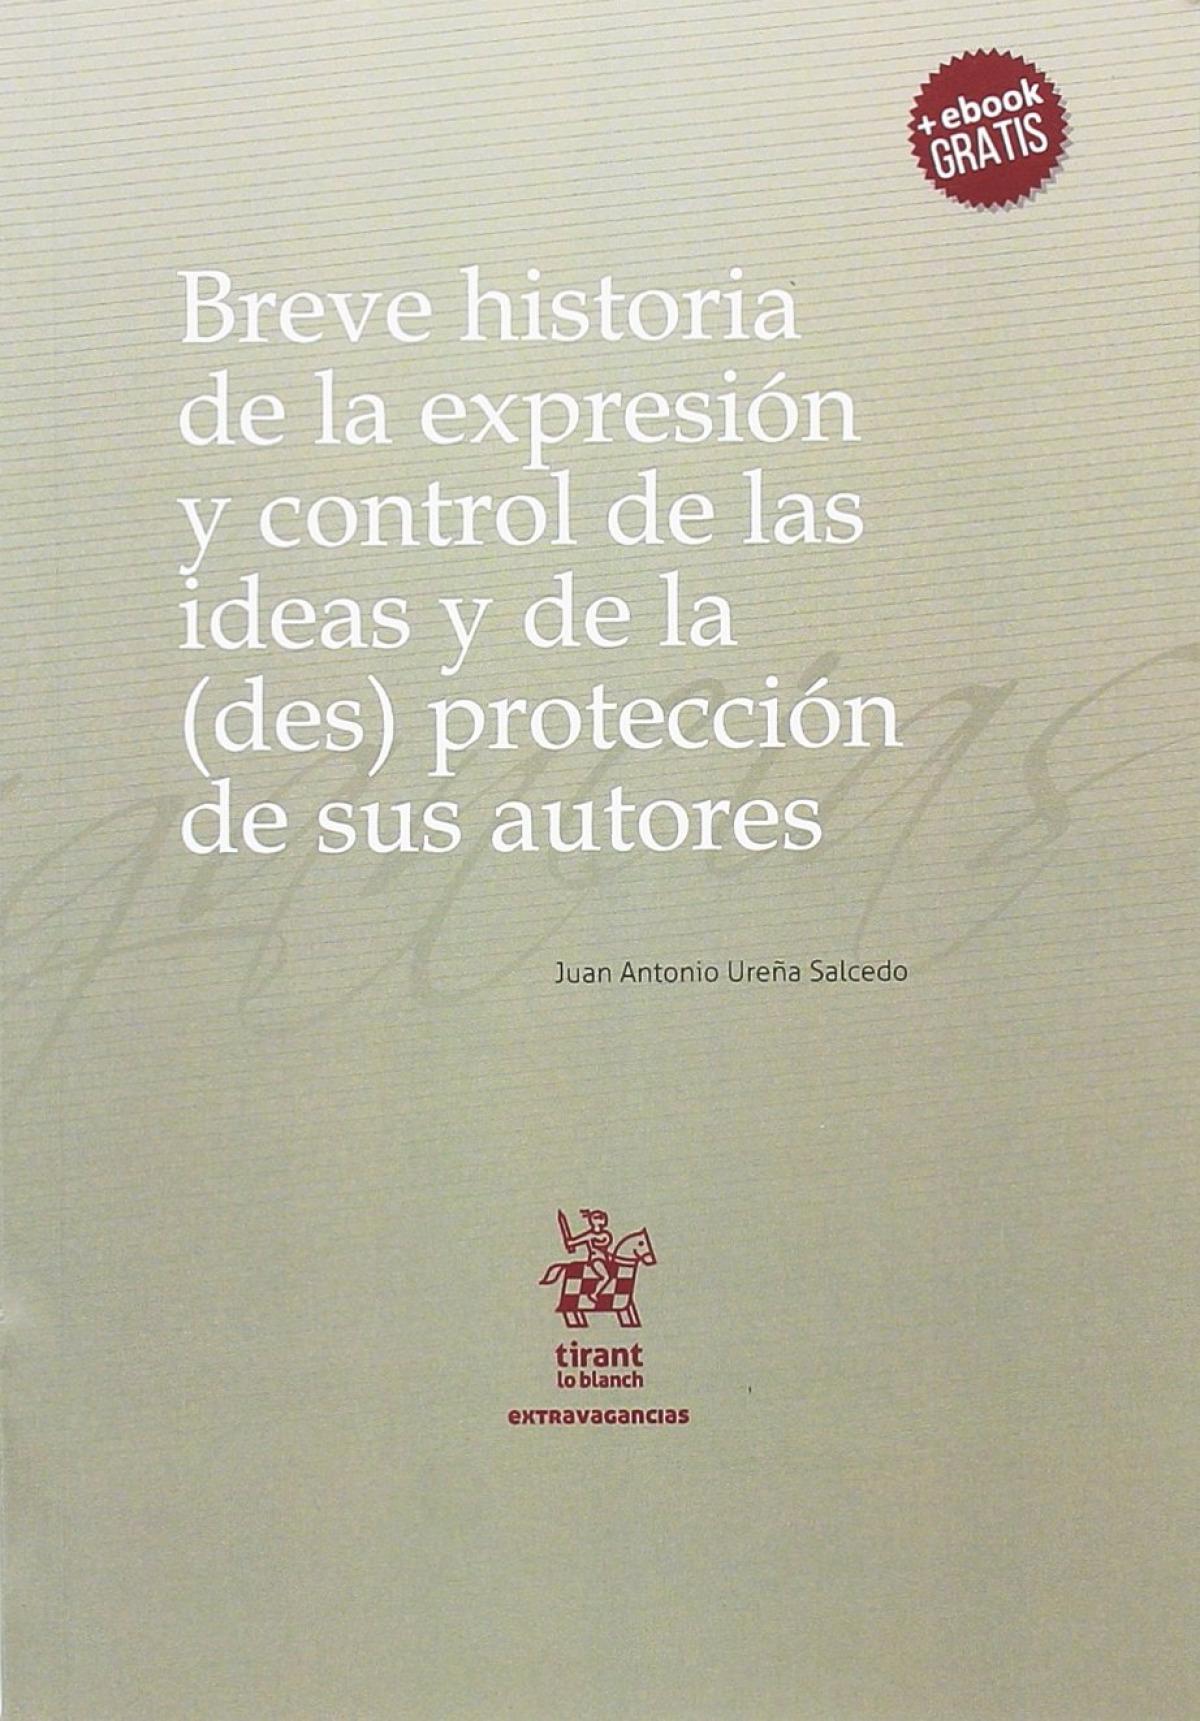 Breve historia de la expresión y control de las ideas y de la (de